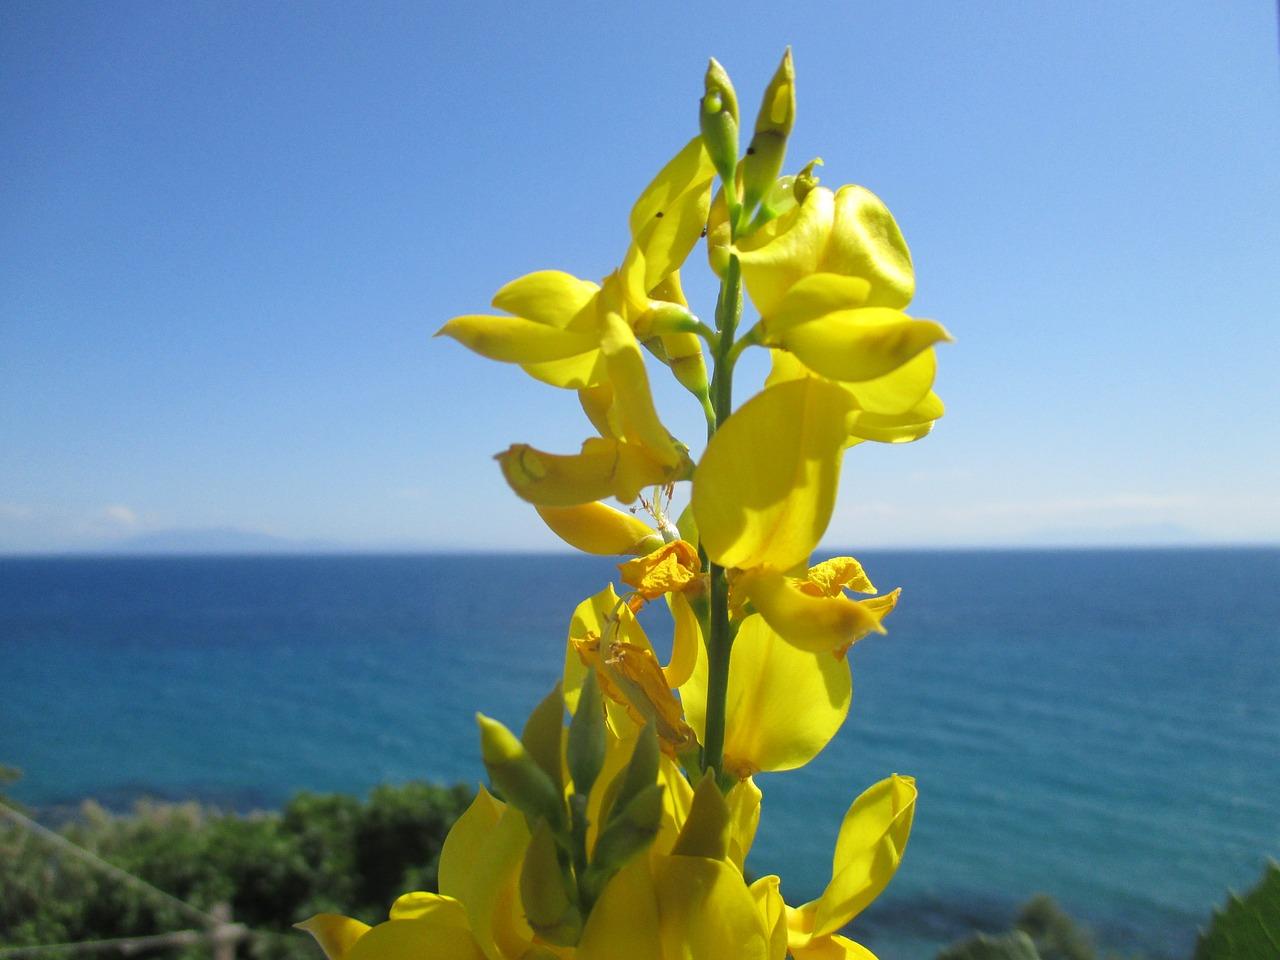 Flowerseafragranceyellow Bluehorizon Free Photo From Needpix